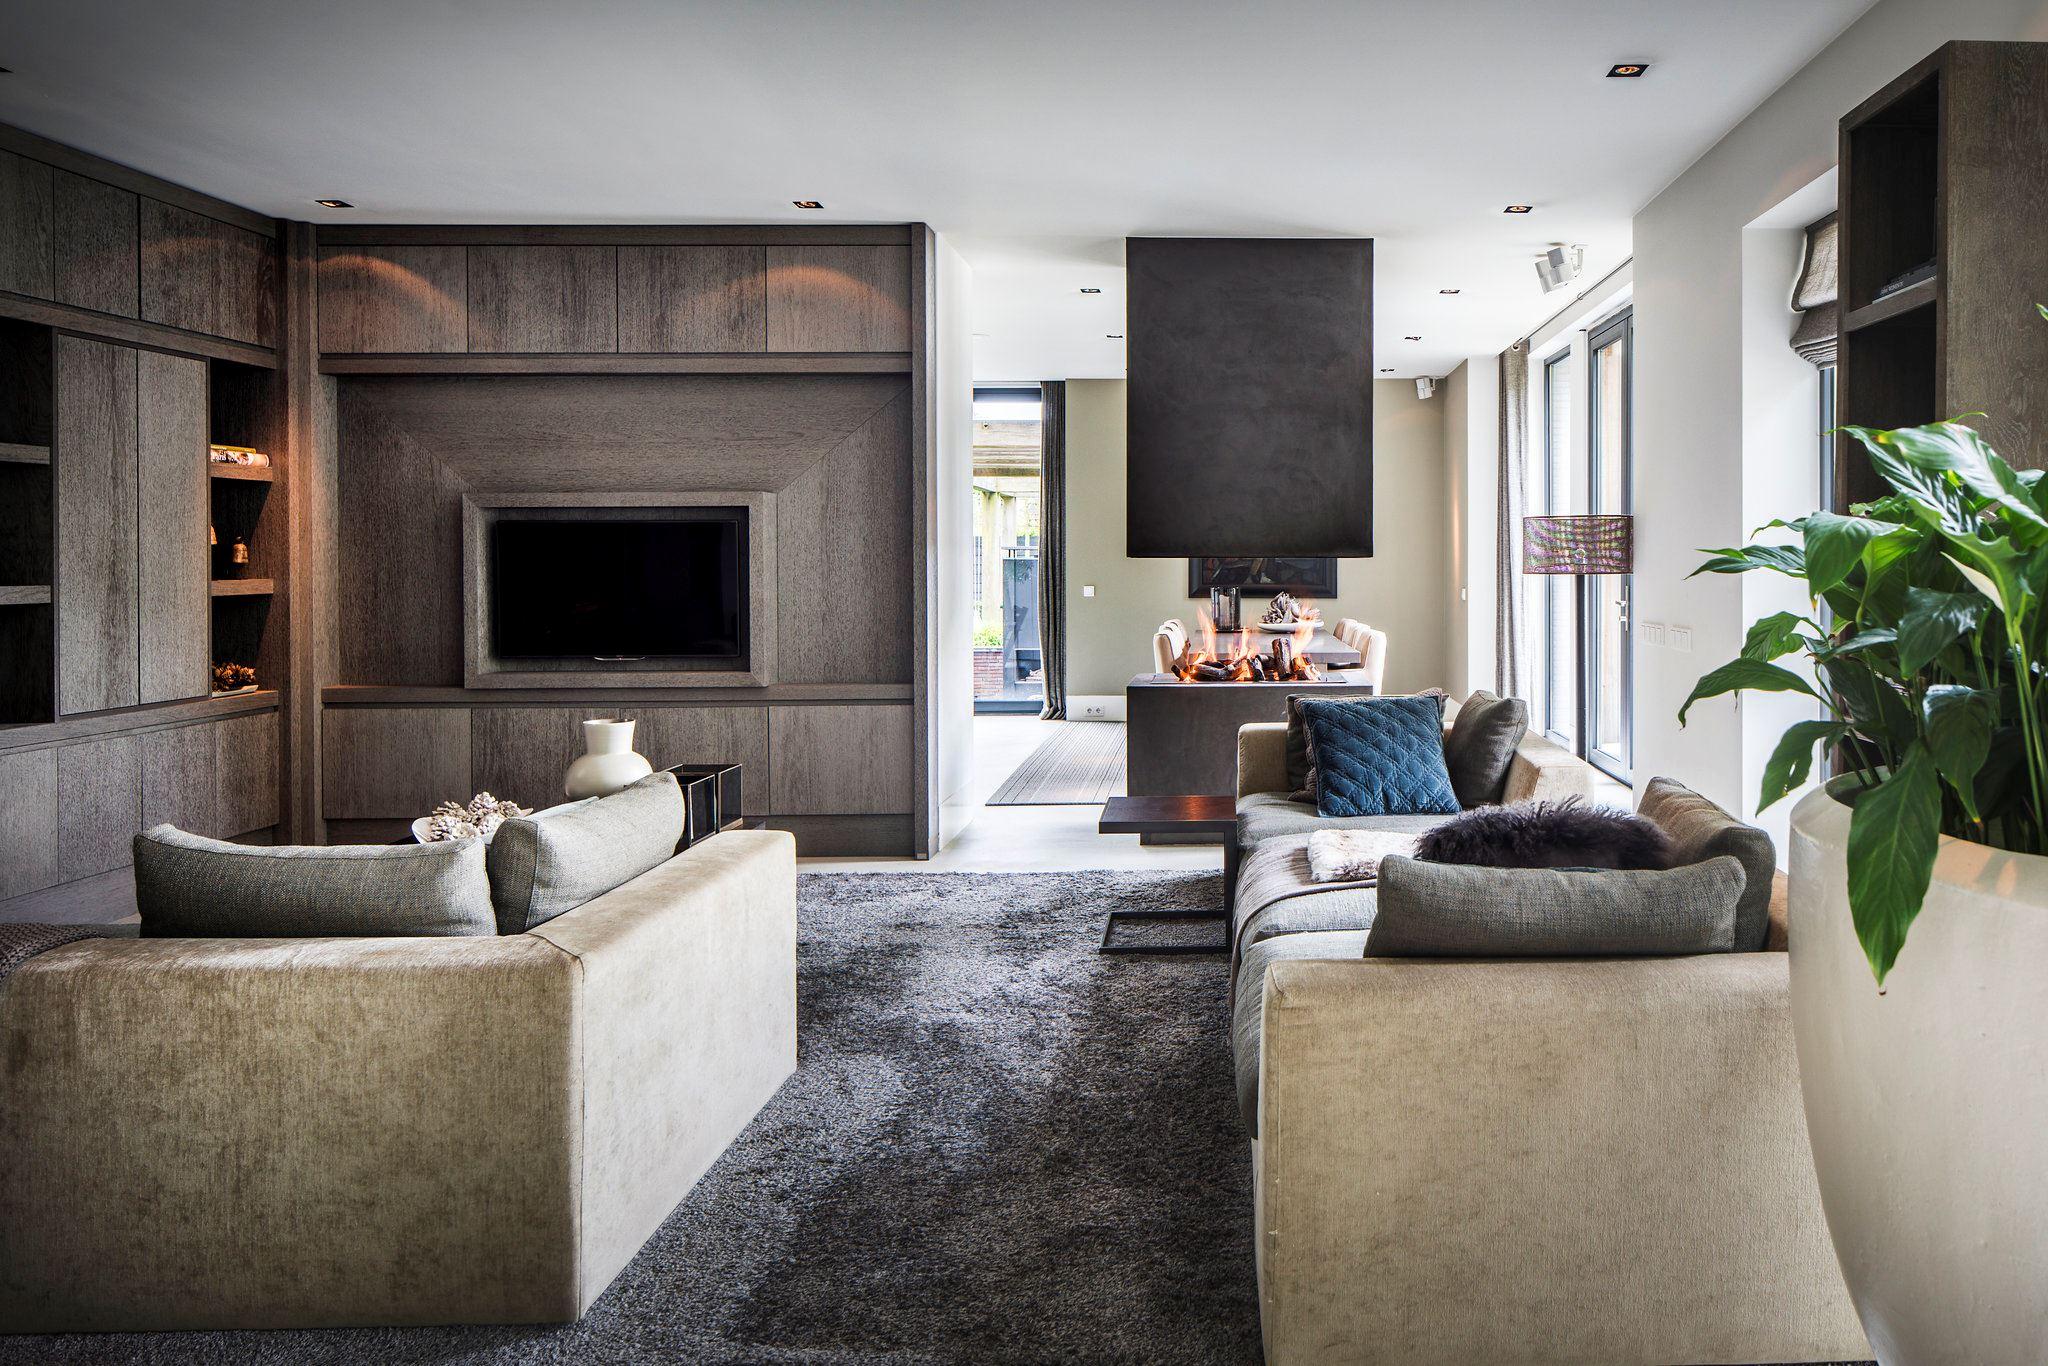 телевизор в гостиной диваны камин